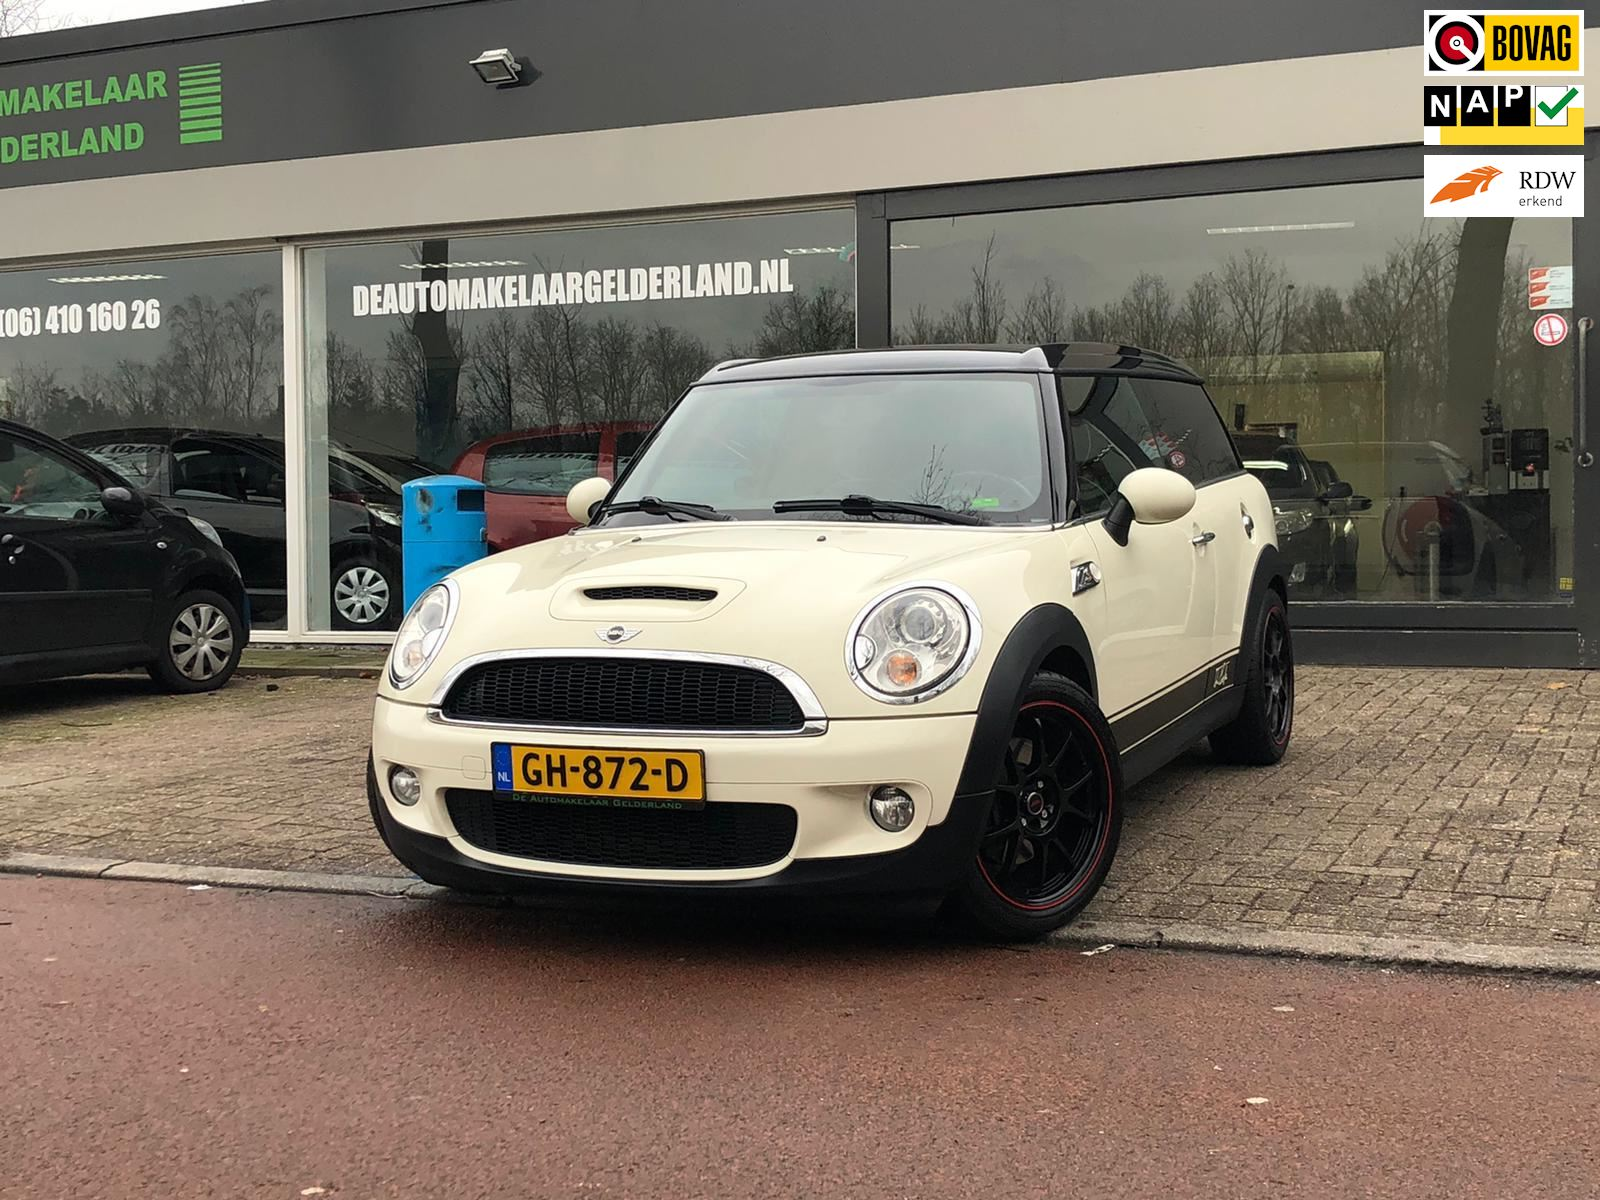 Mini Mini Clubman occasion - De Automakelaar Gelderland